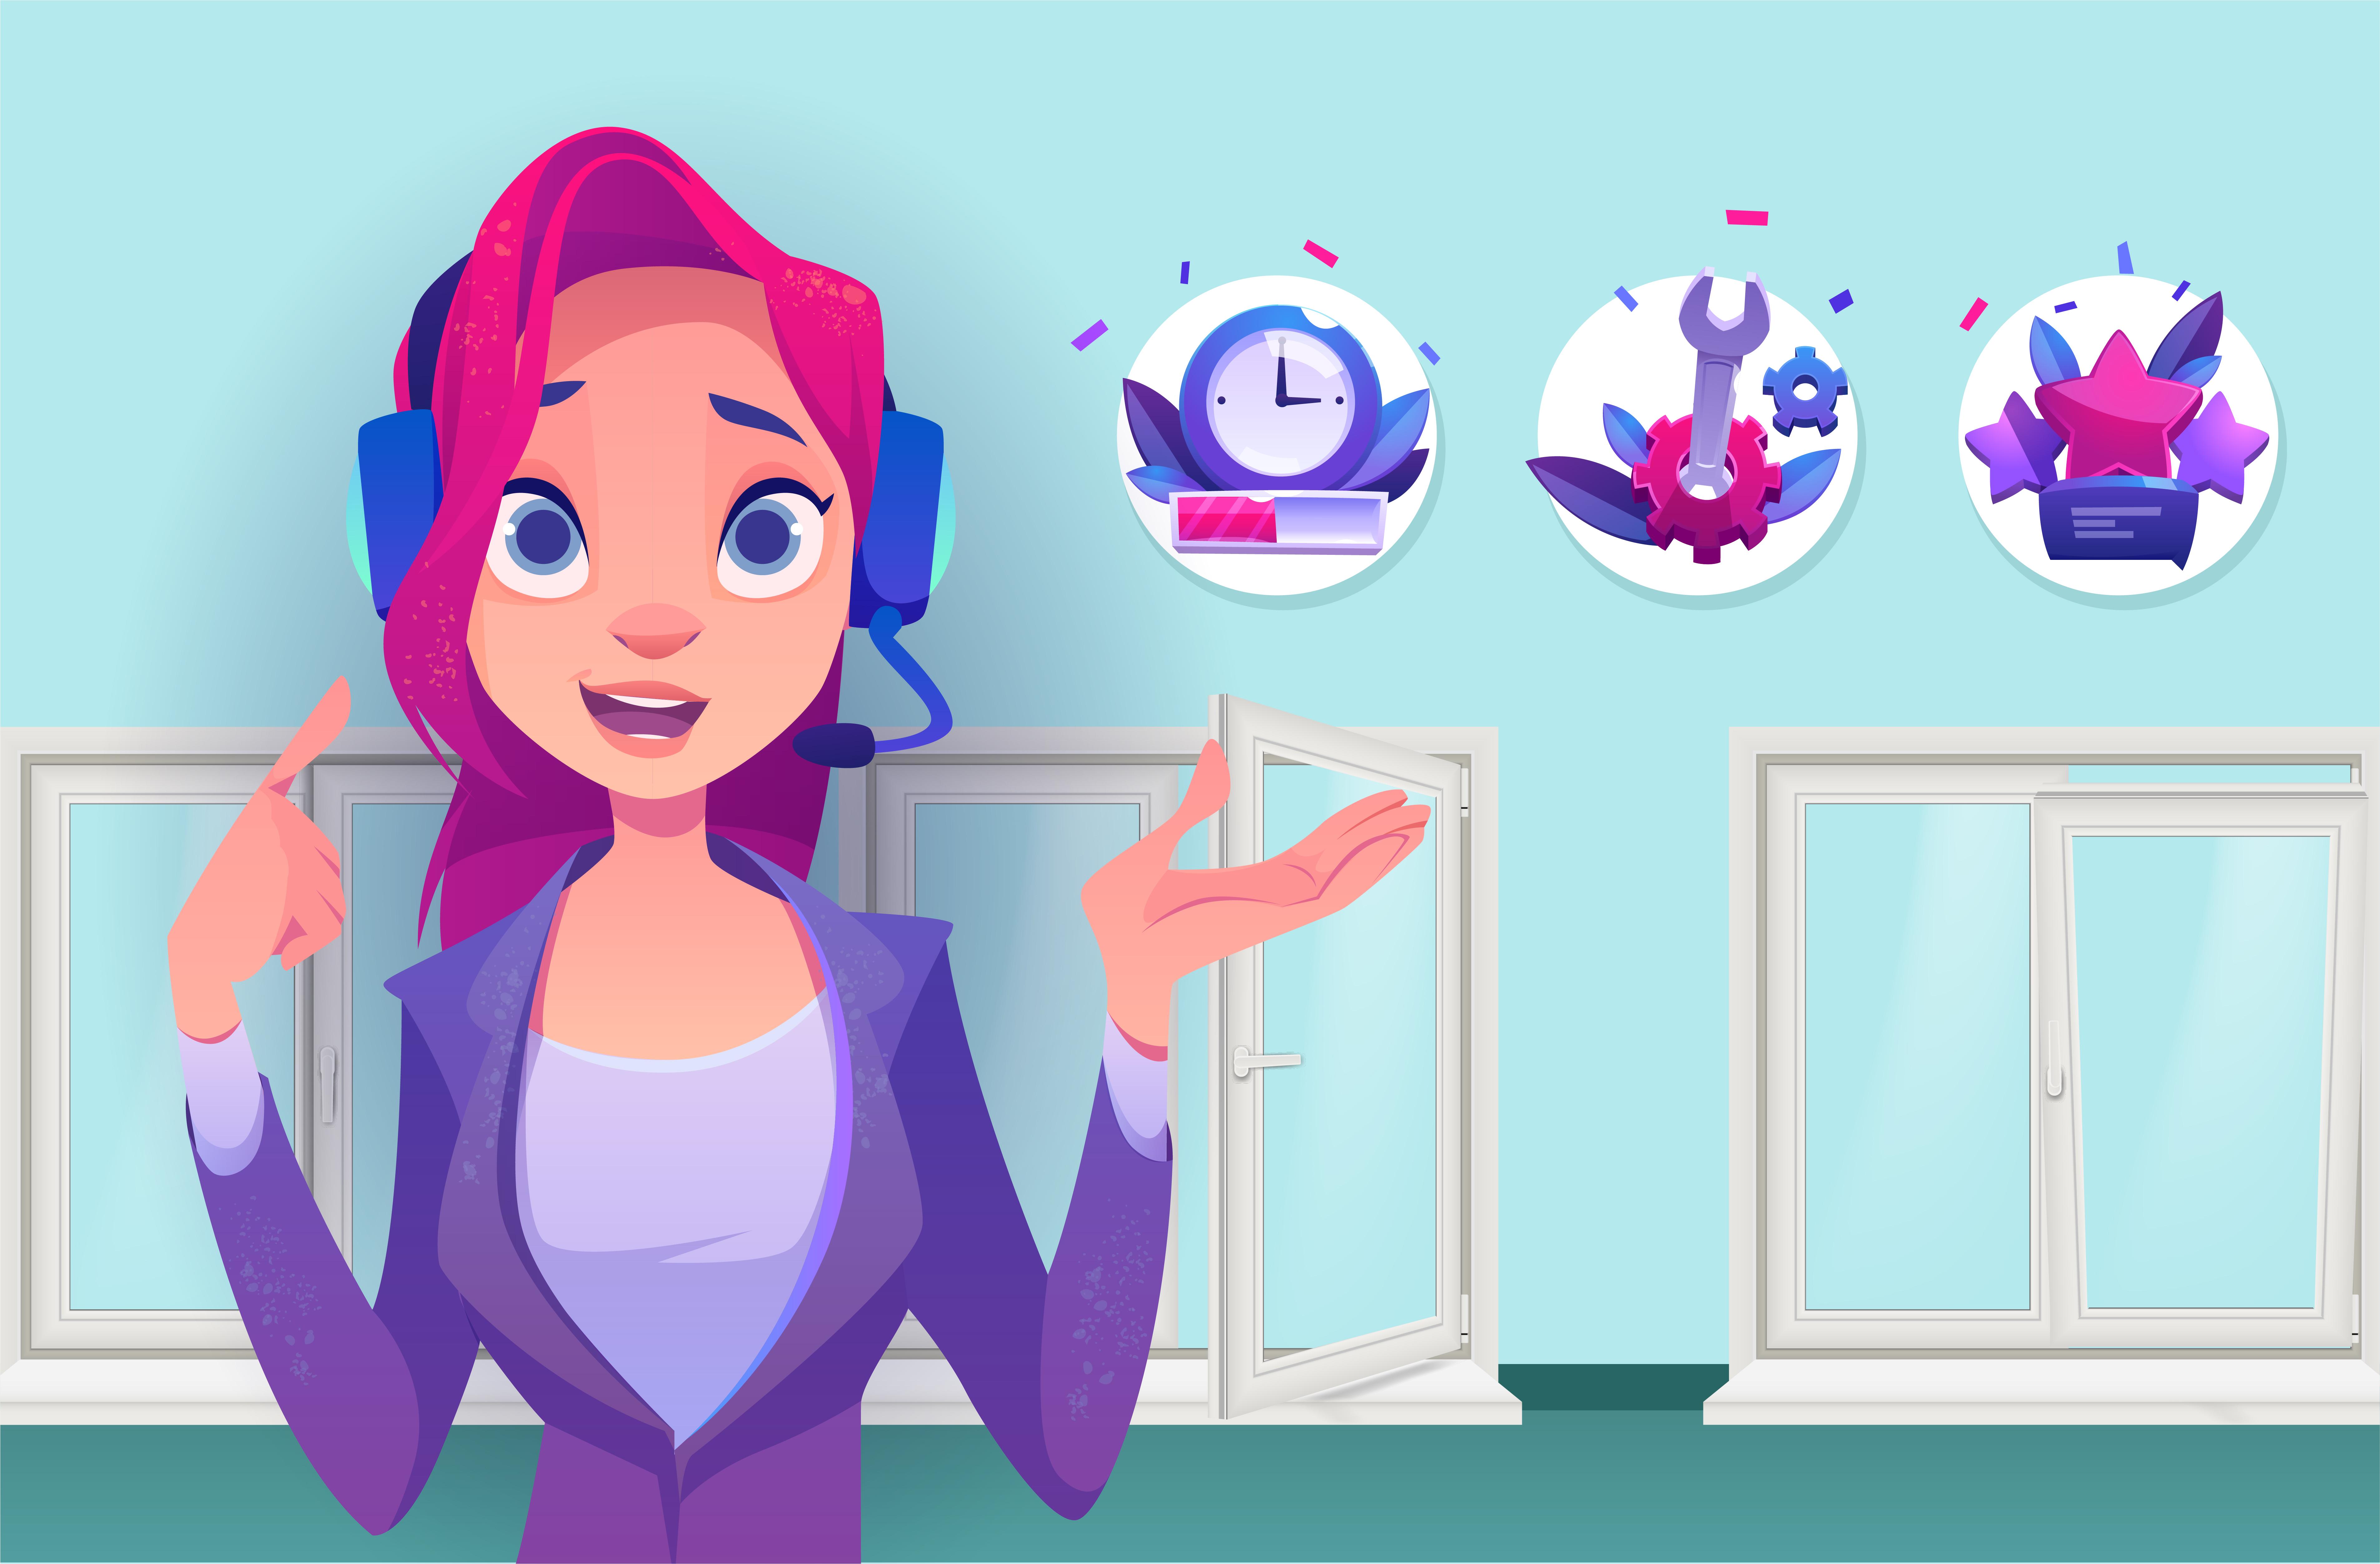 otnoshenie-stanovitsya-vazhnee-produkta-kak-klientskij-servis-pomozhet-okonnoj-kompanii-sehkonomit-dengi-na-reklame